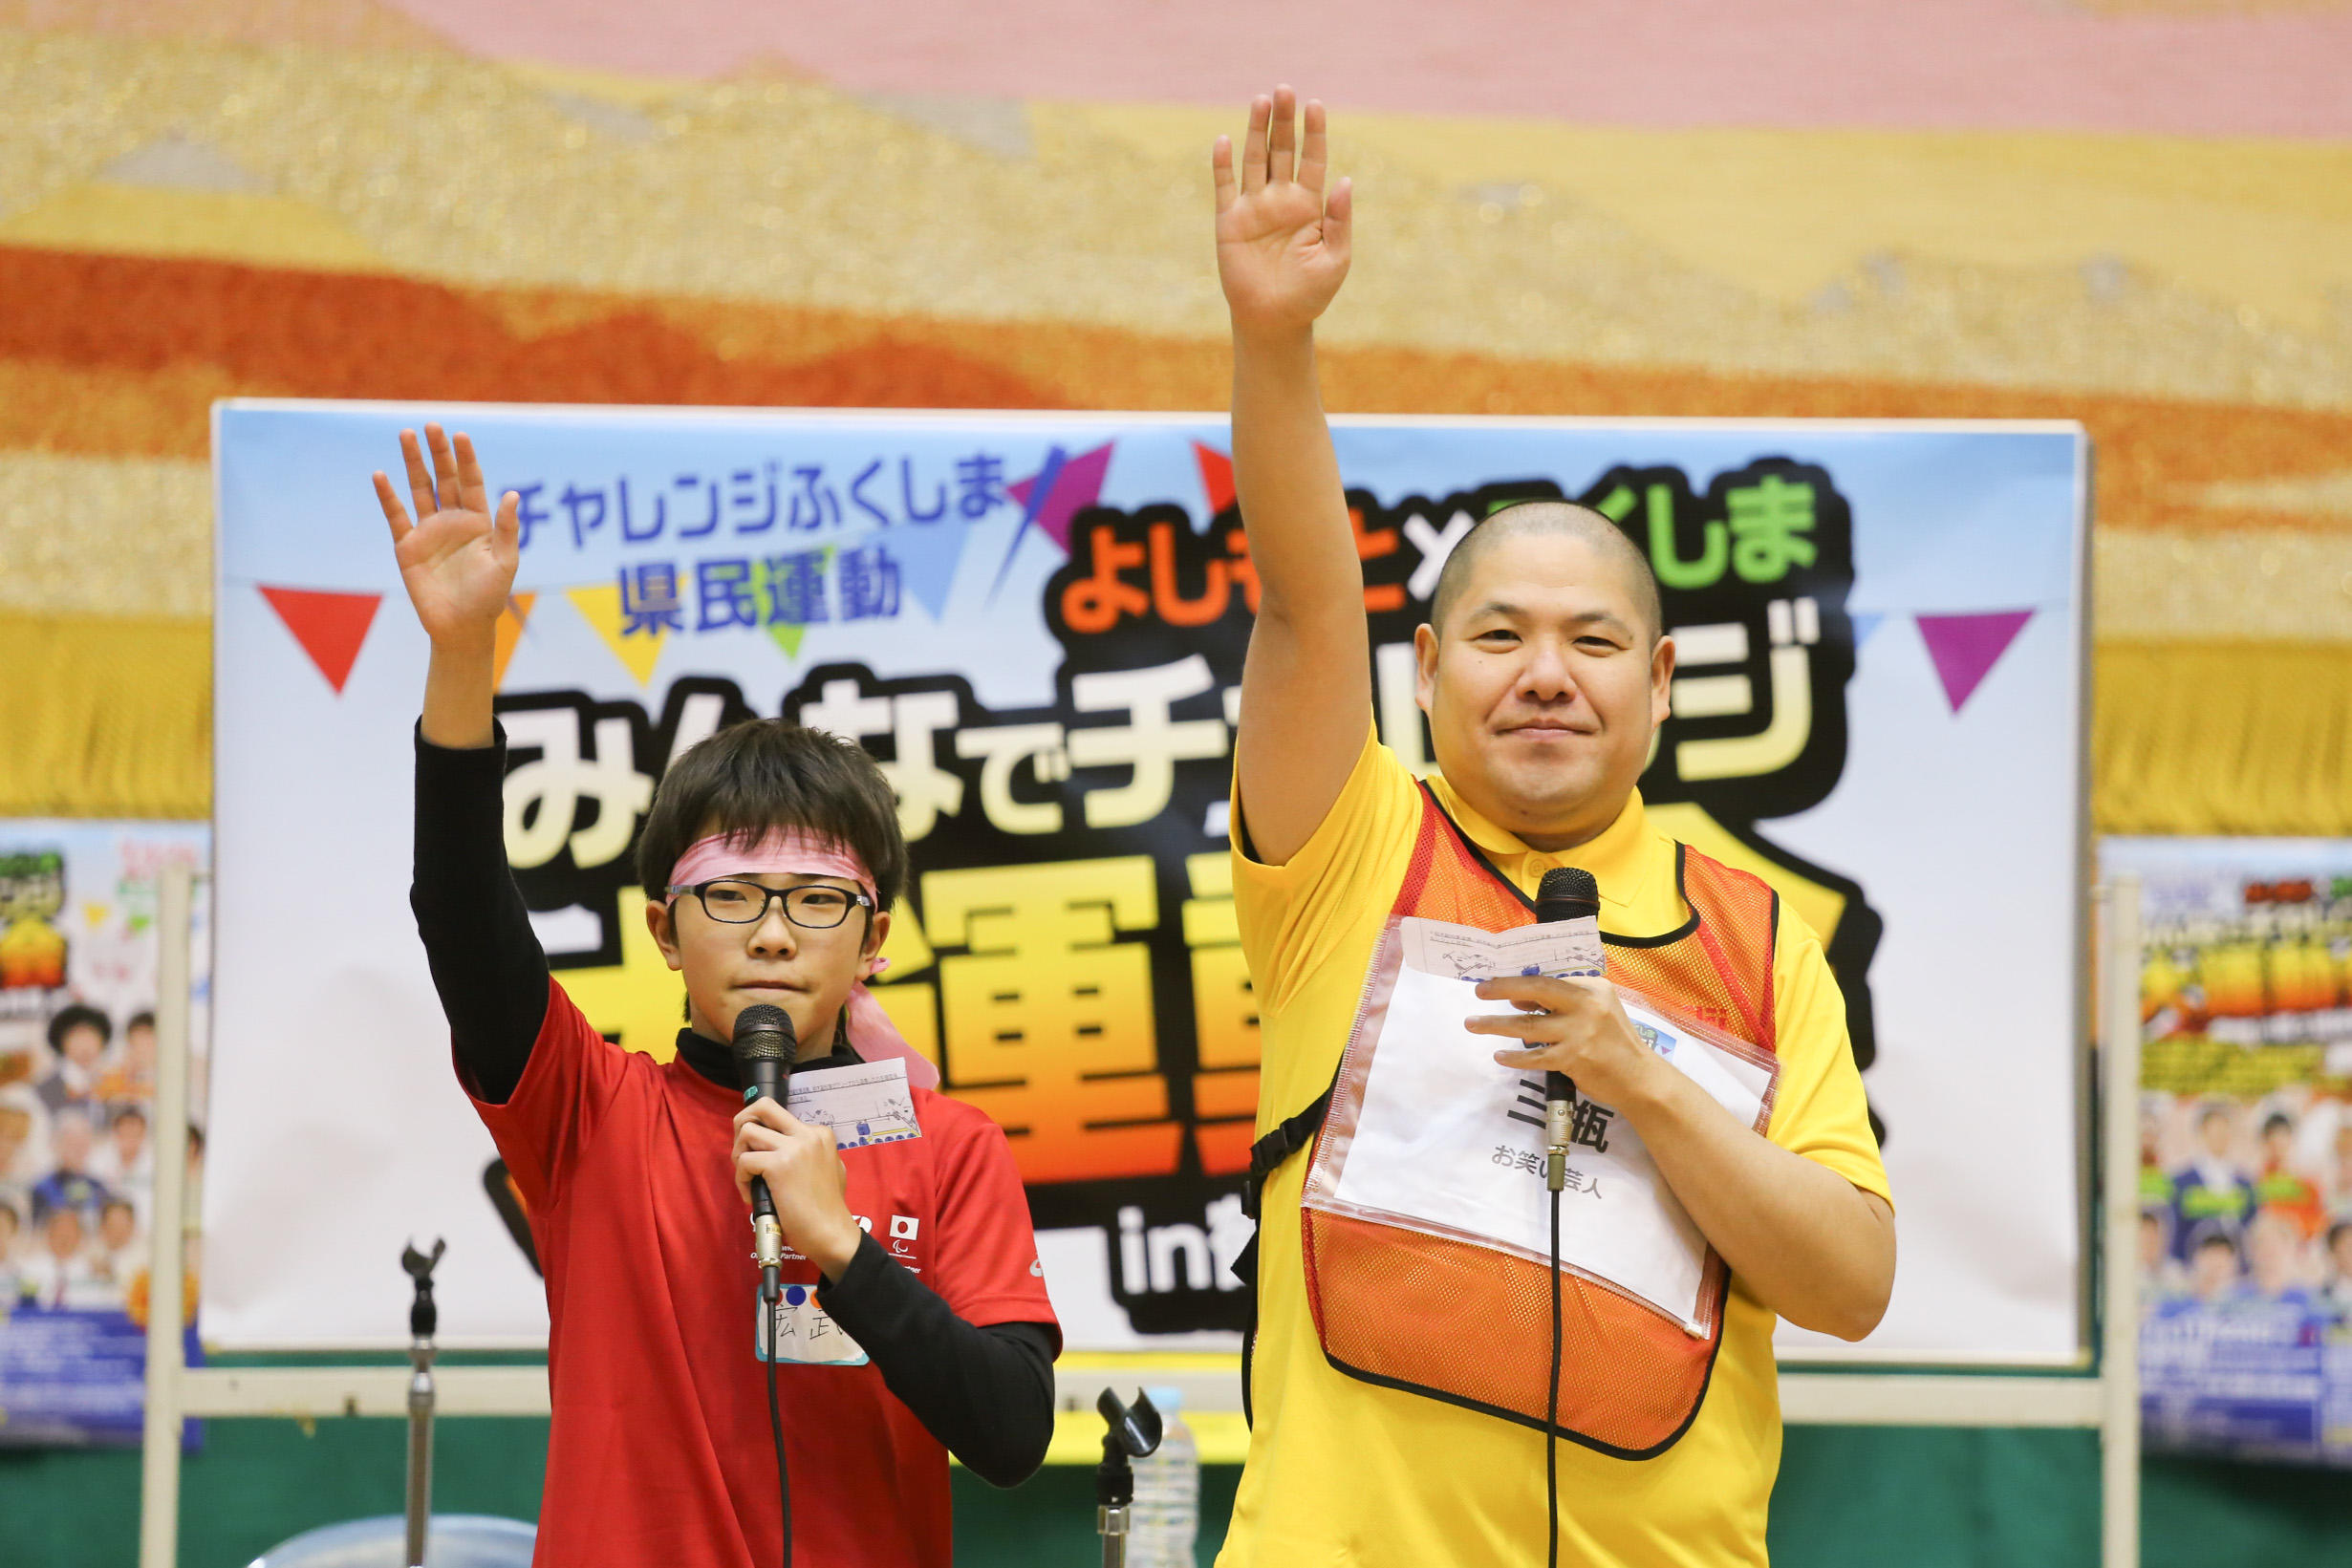 http://news.yoshimoto.co.jp/20171129021045-3c8c72f43c2e76f40d32b0c7520a7e2a582ff375.jpg